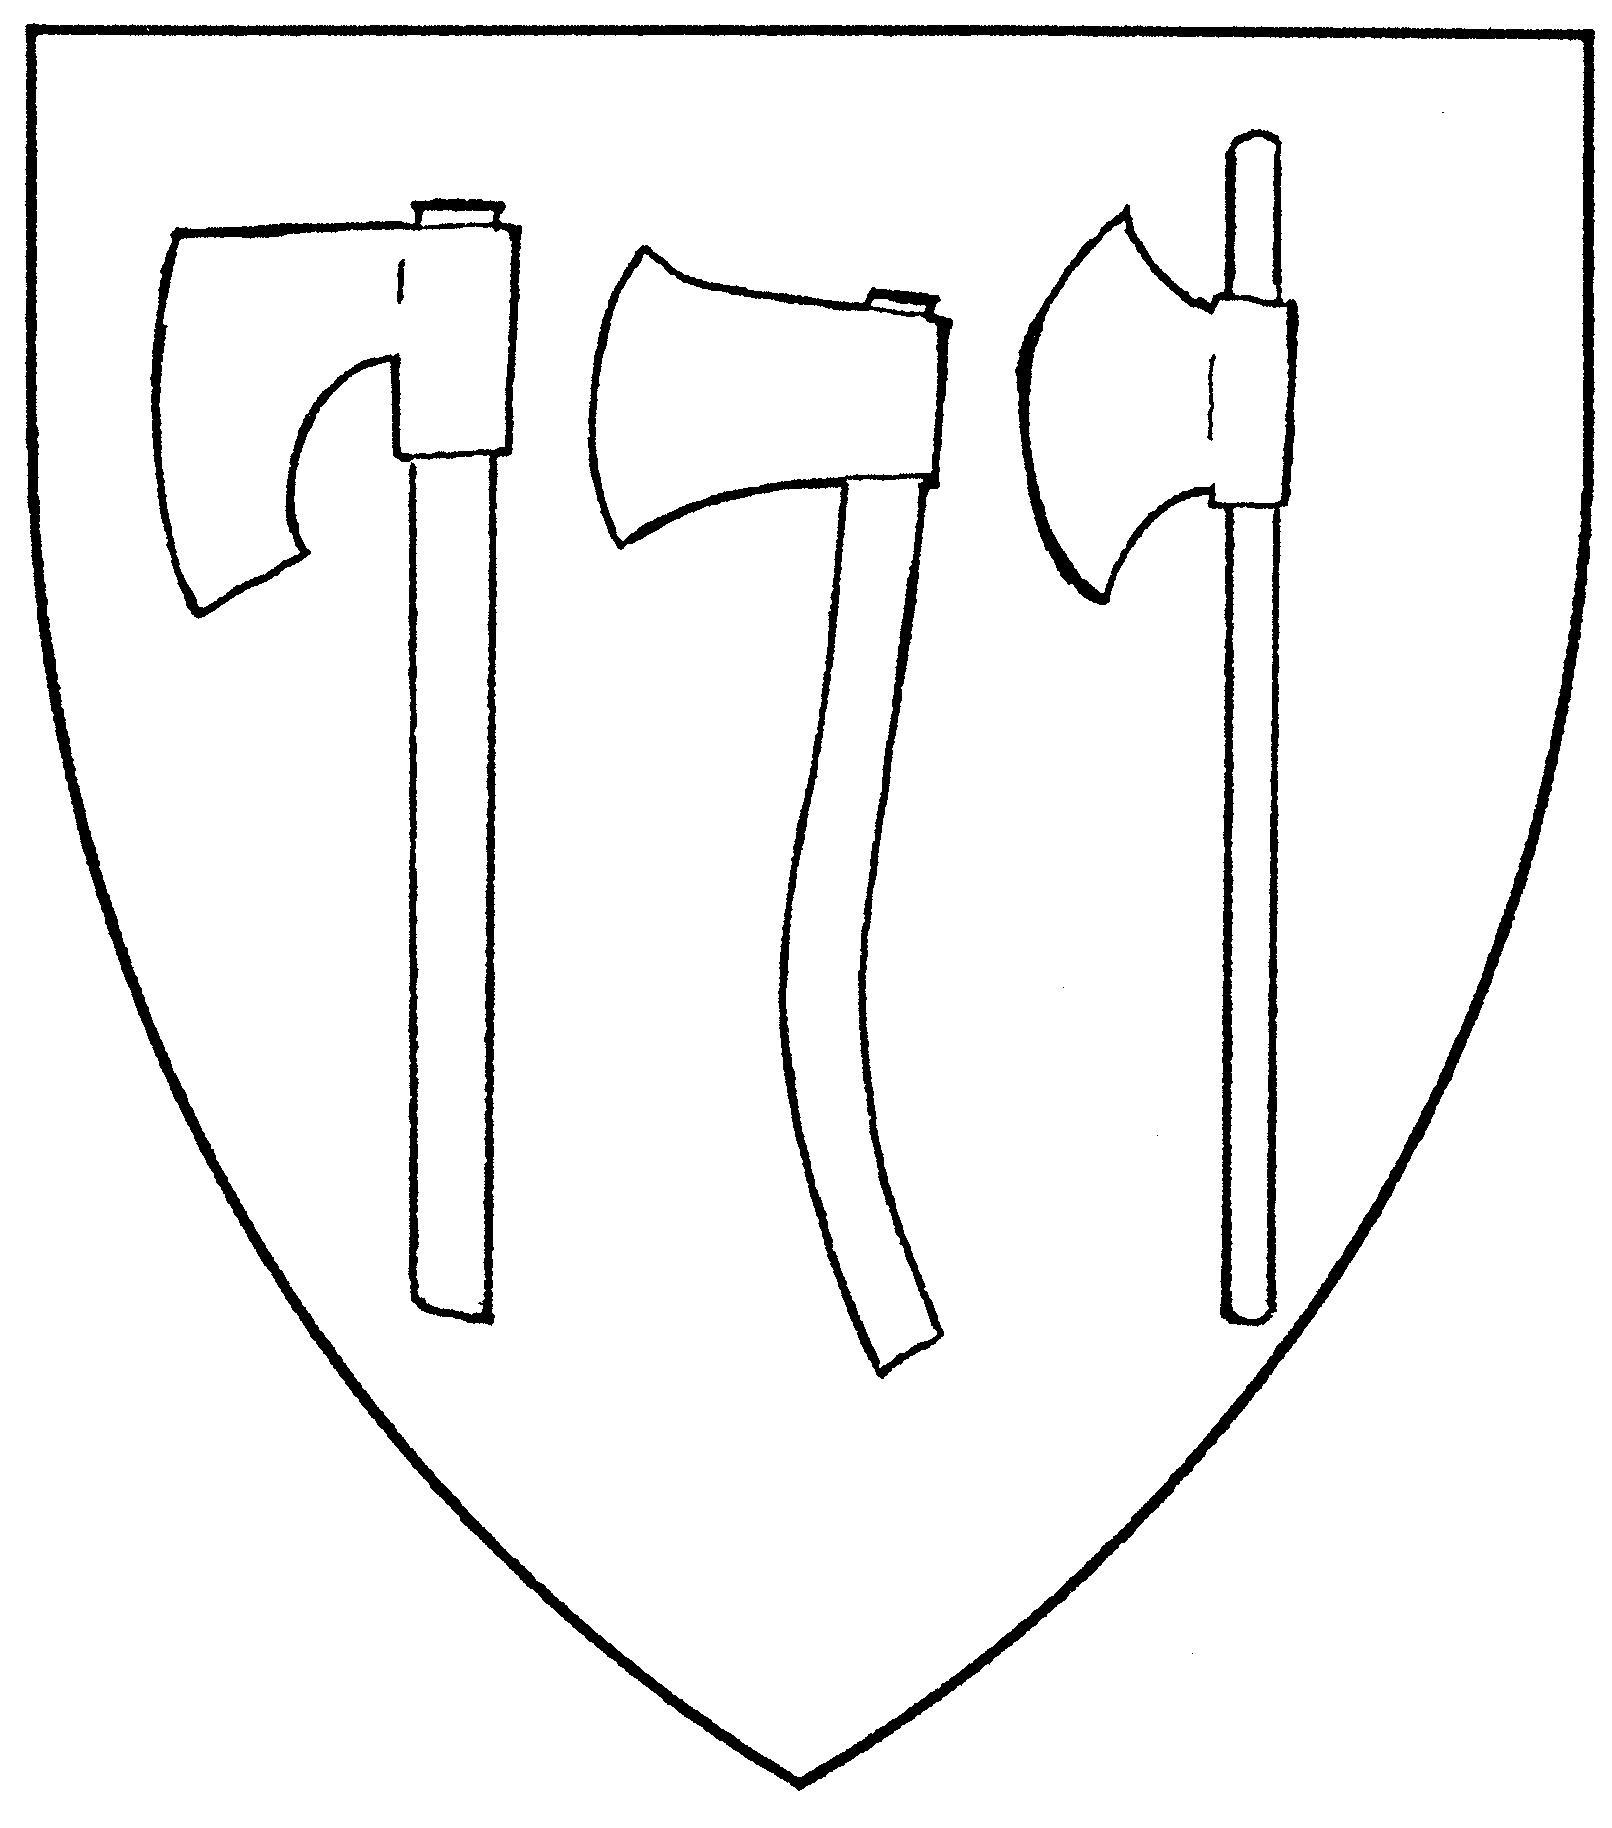 Drawn axe heraldic Axe axe Mistholme axe headsman's